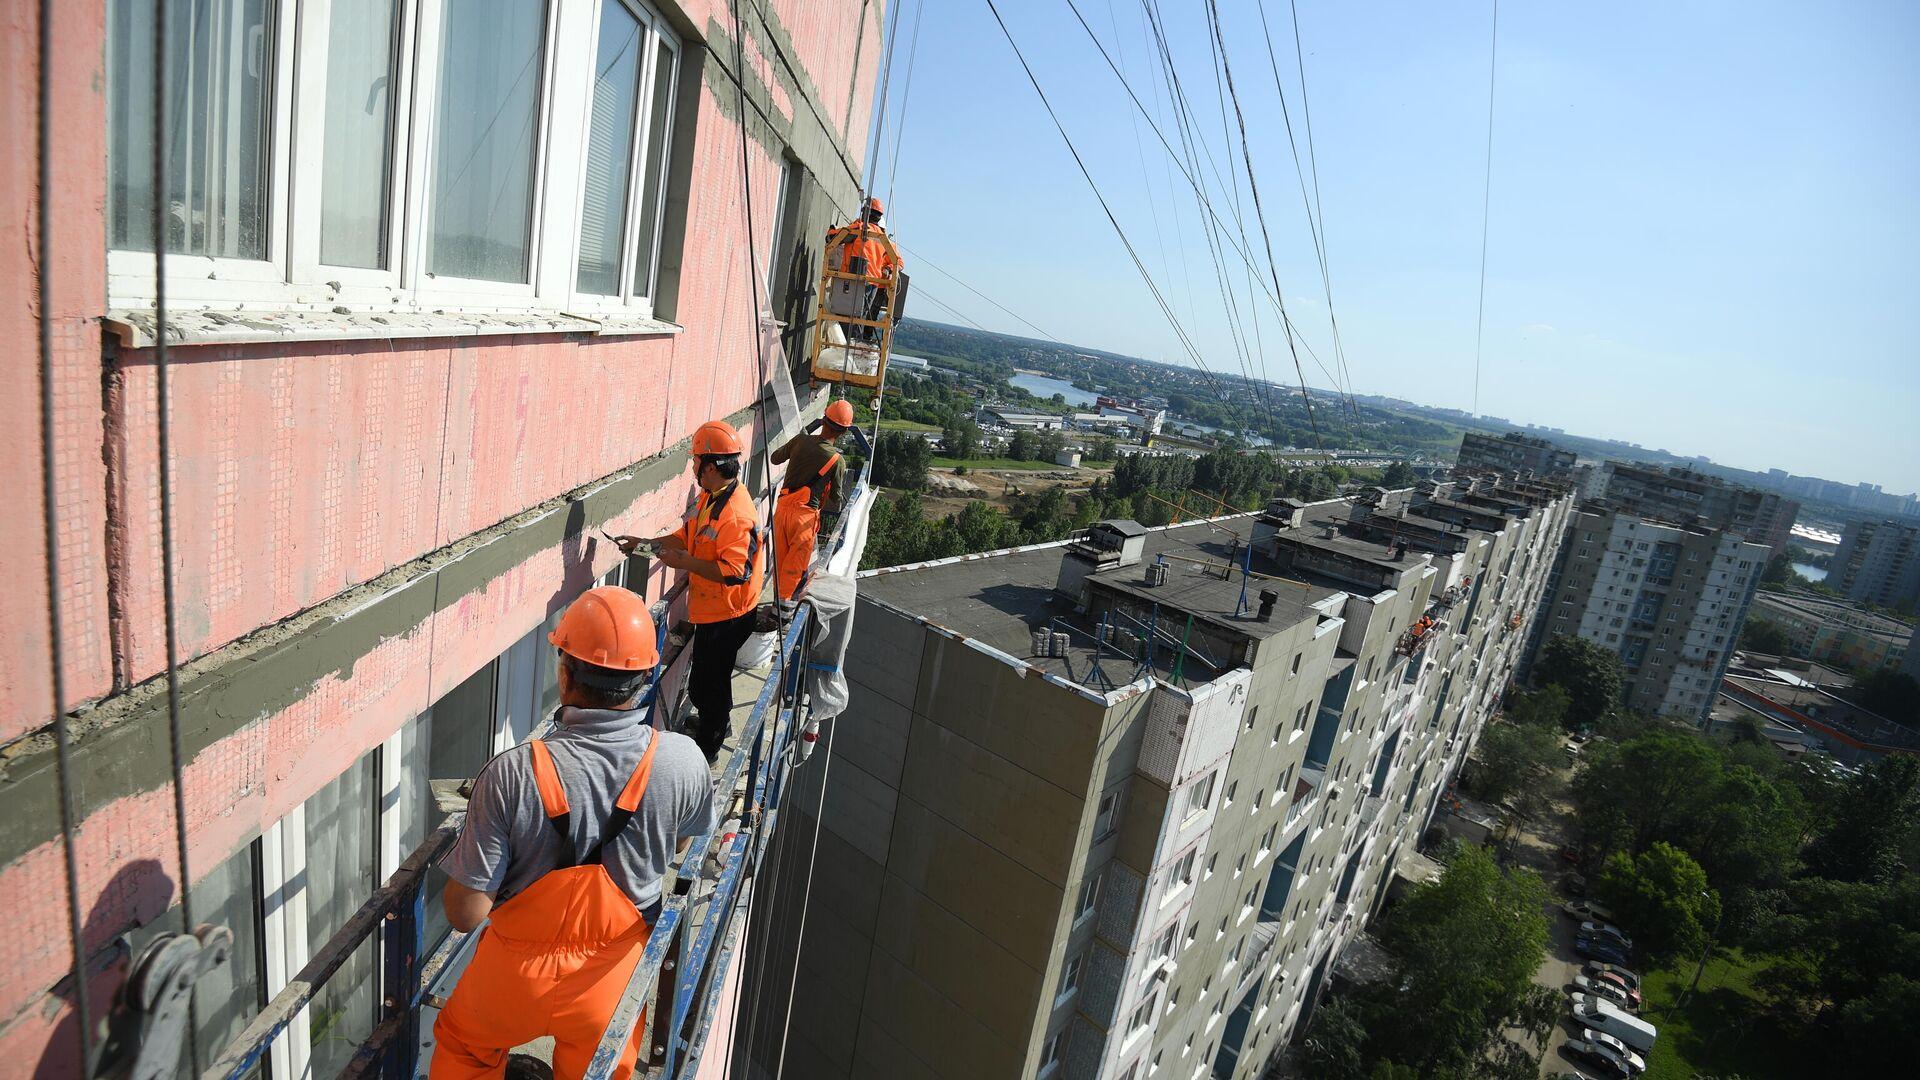 Рабочие проводят ремонт жилого дома в московском районе Капотня - РИА Новости, 1920, 23.03.2021